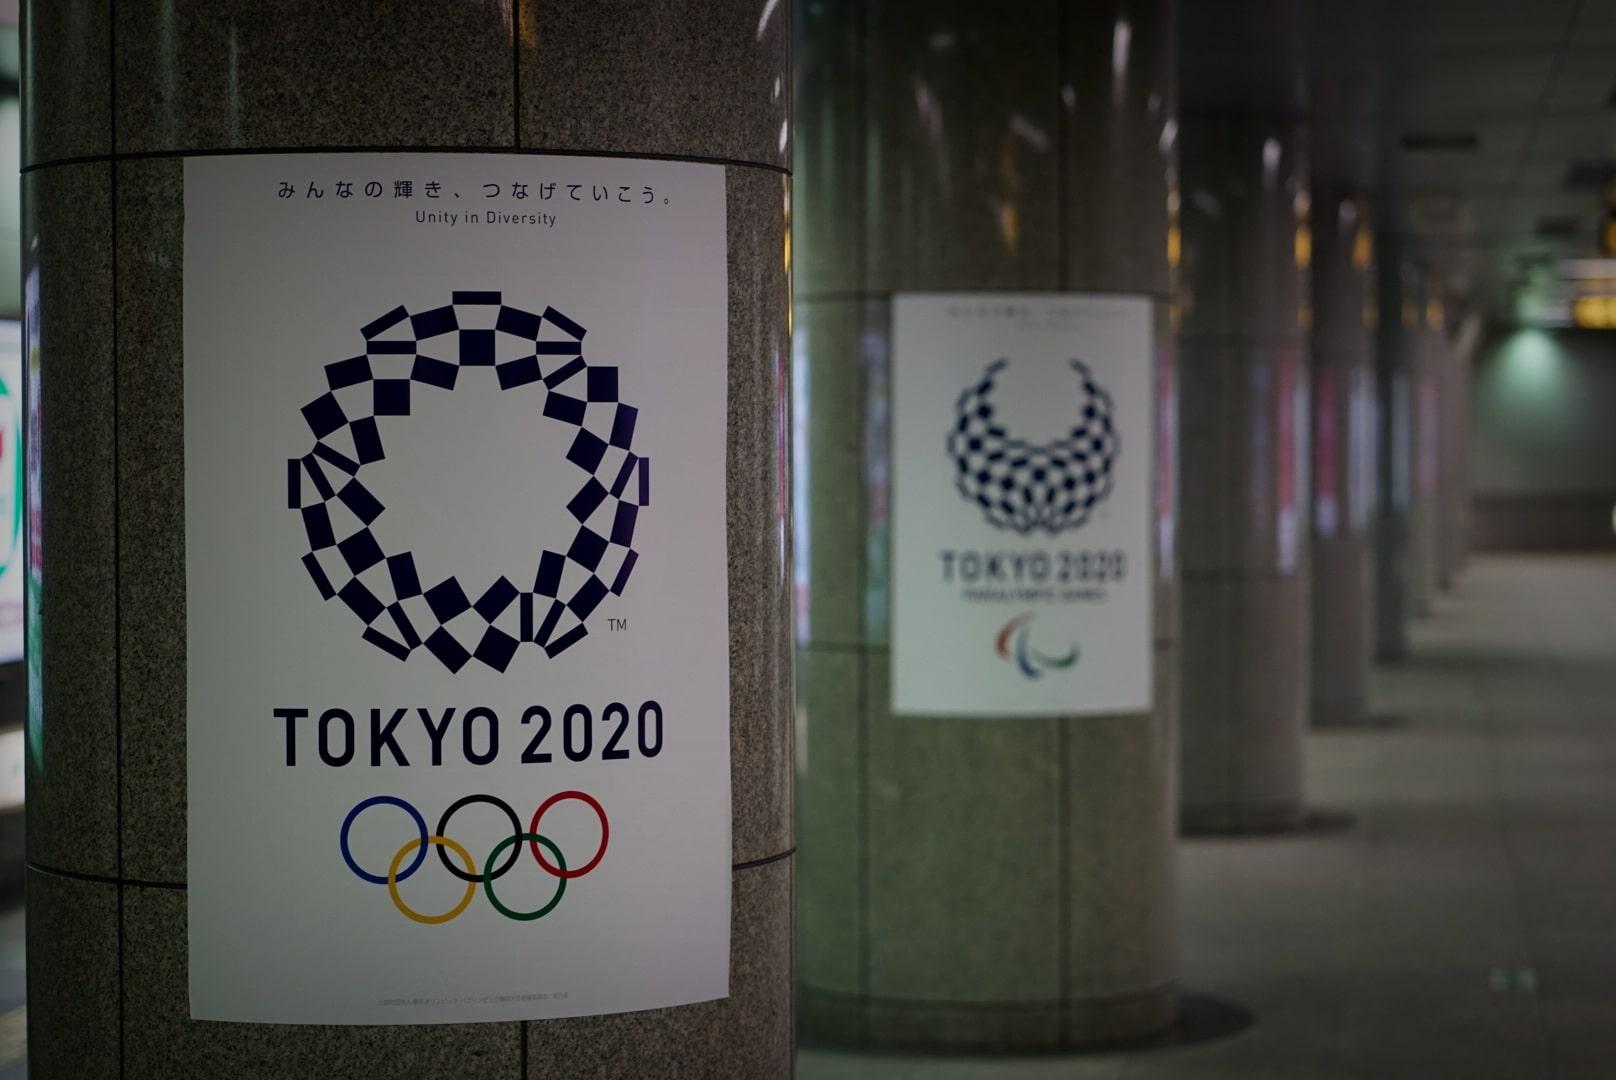 Бюджет Олимпийских игр – 2020 в Токио вырос в 4 раза, но все равно меньше, чем ушло на Сочи-2014